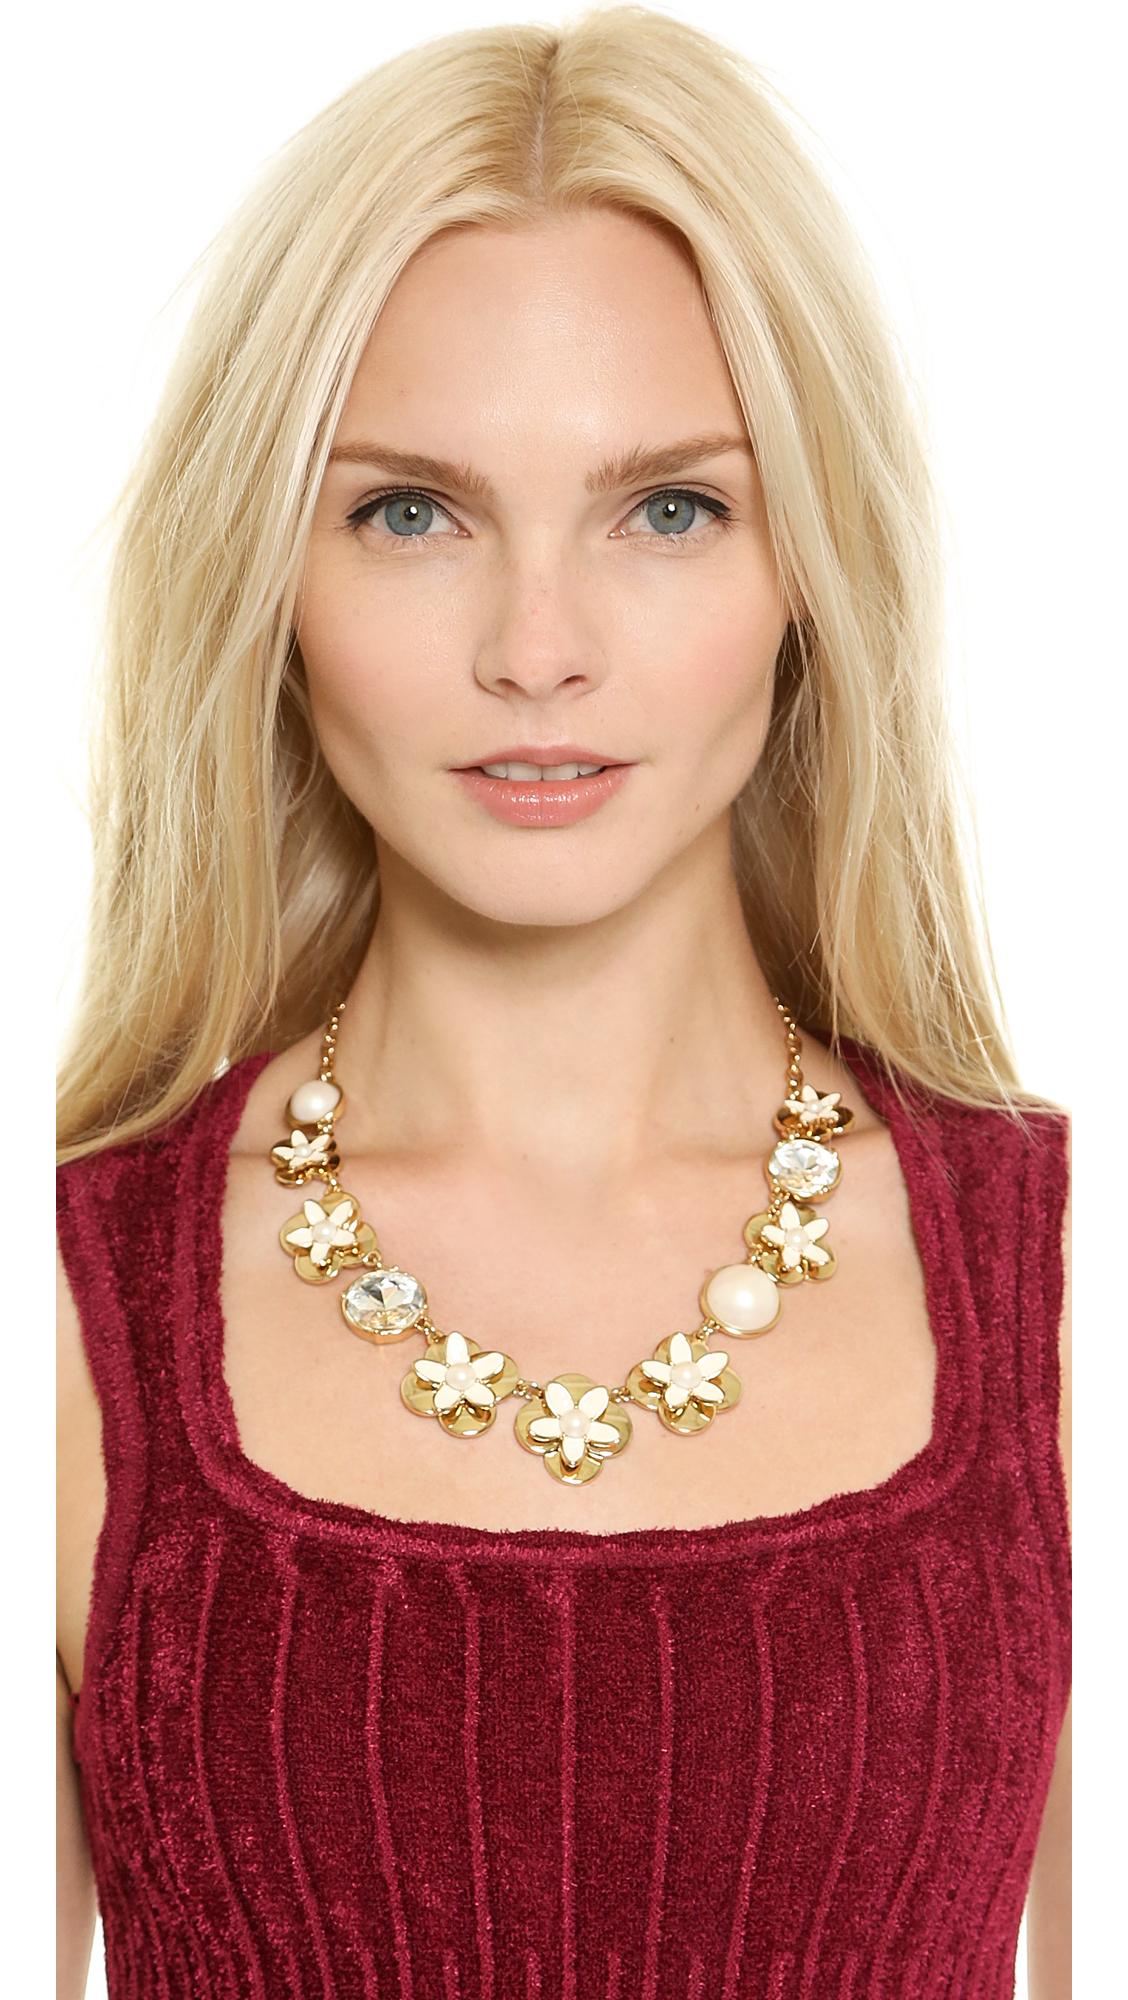 Kate Spade Window Seat Bouquet Graduated Necklace - Cream Multi in Metallic